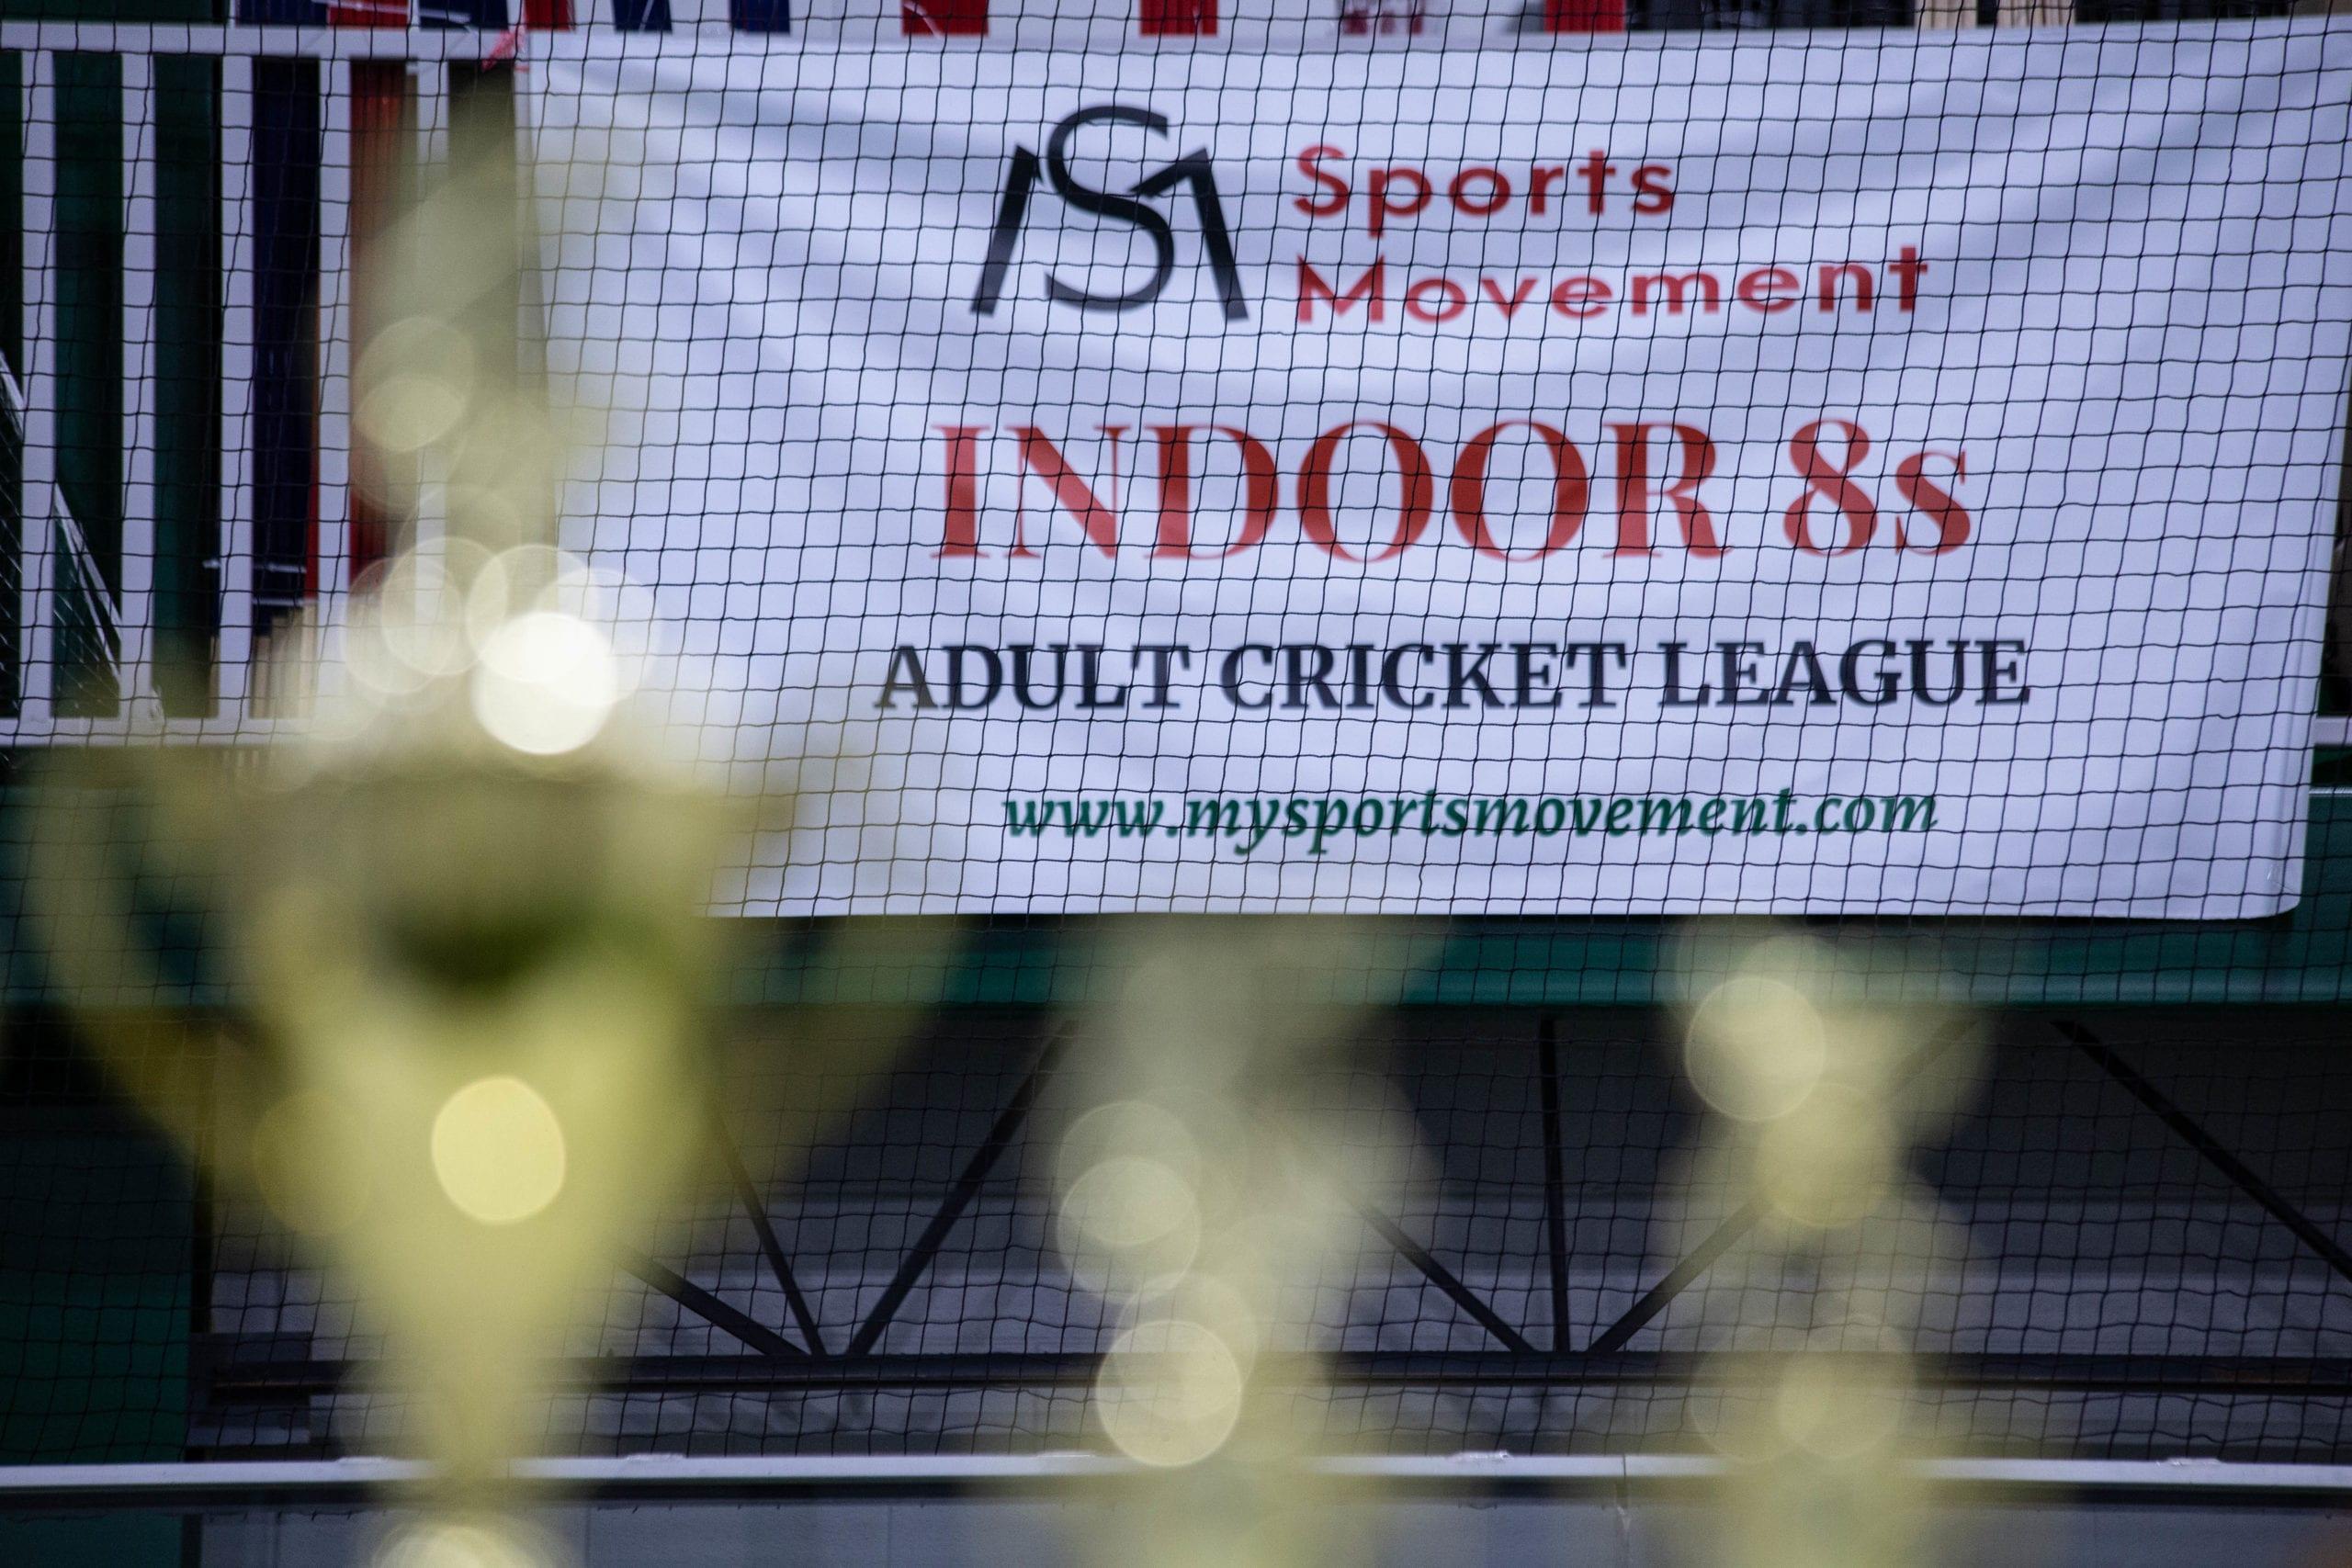 Raghav_Cricket-14